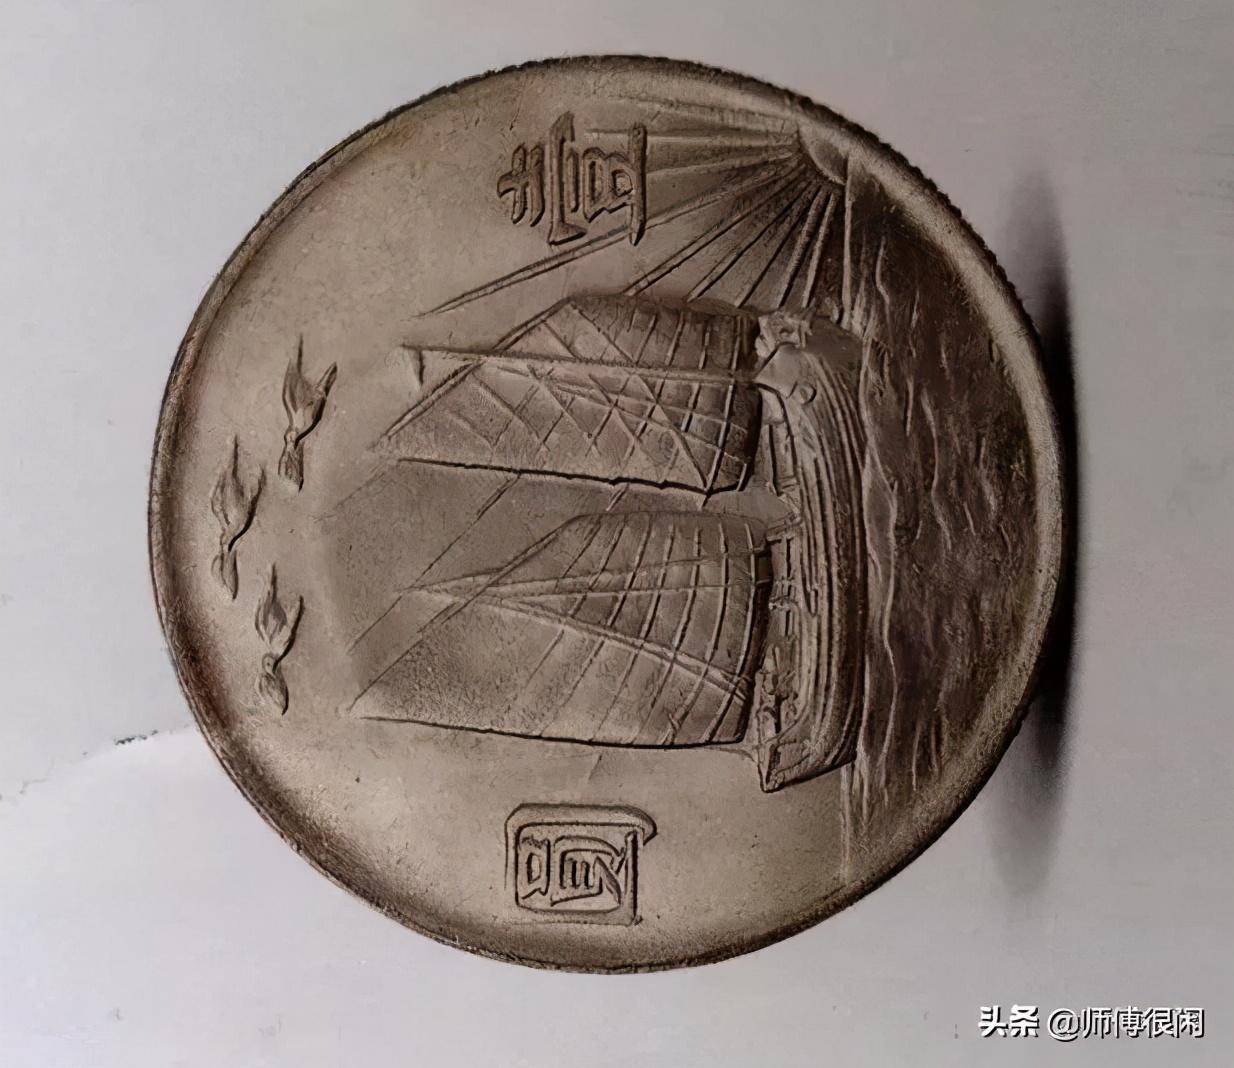 最简单又令人头疼的古钱币